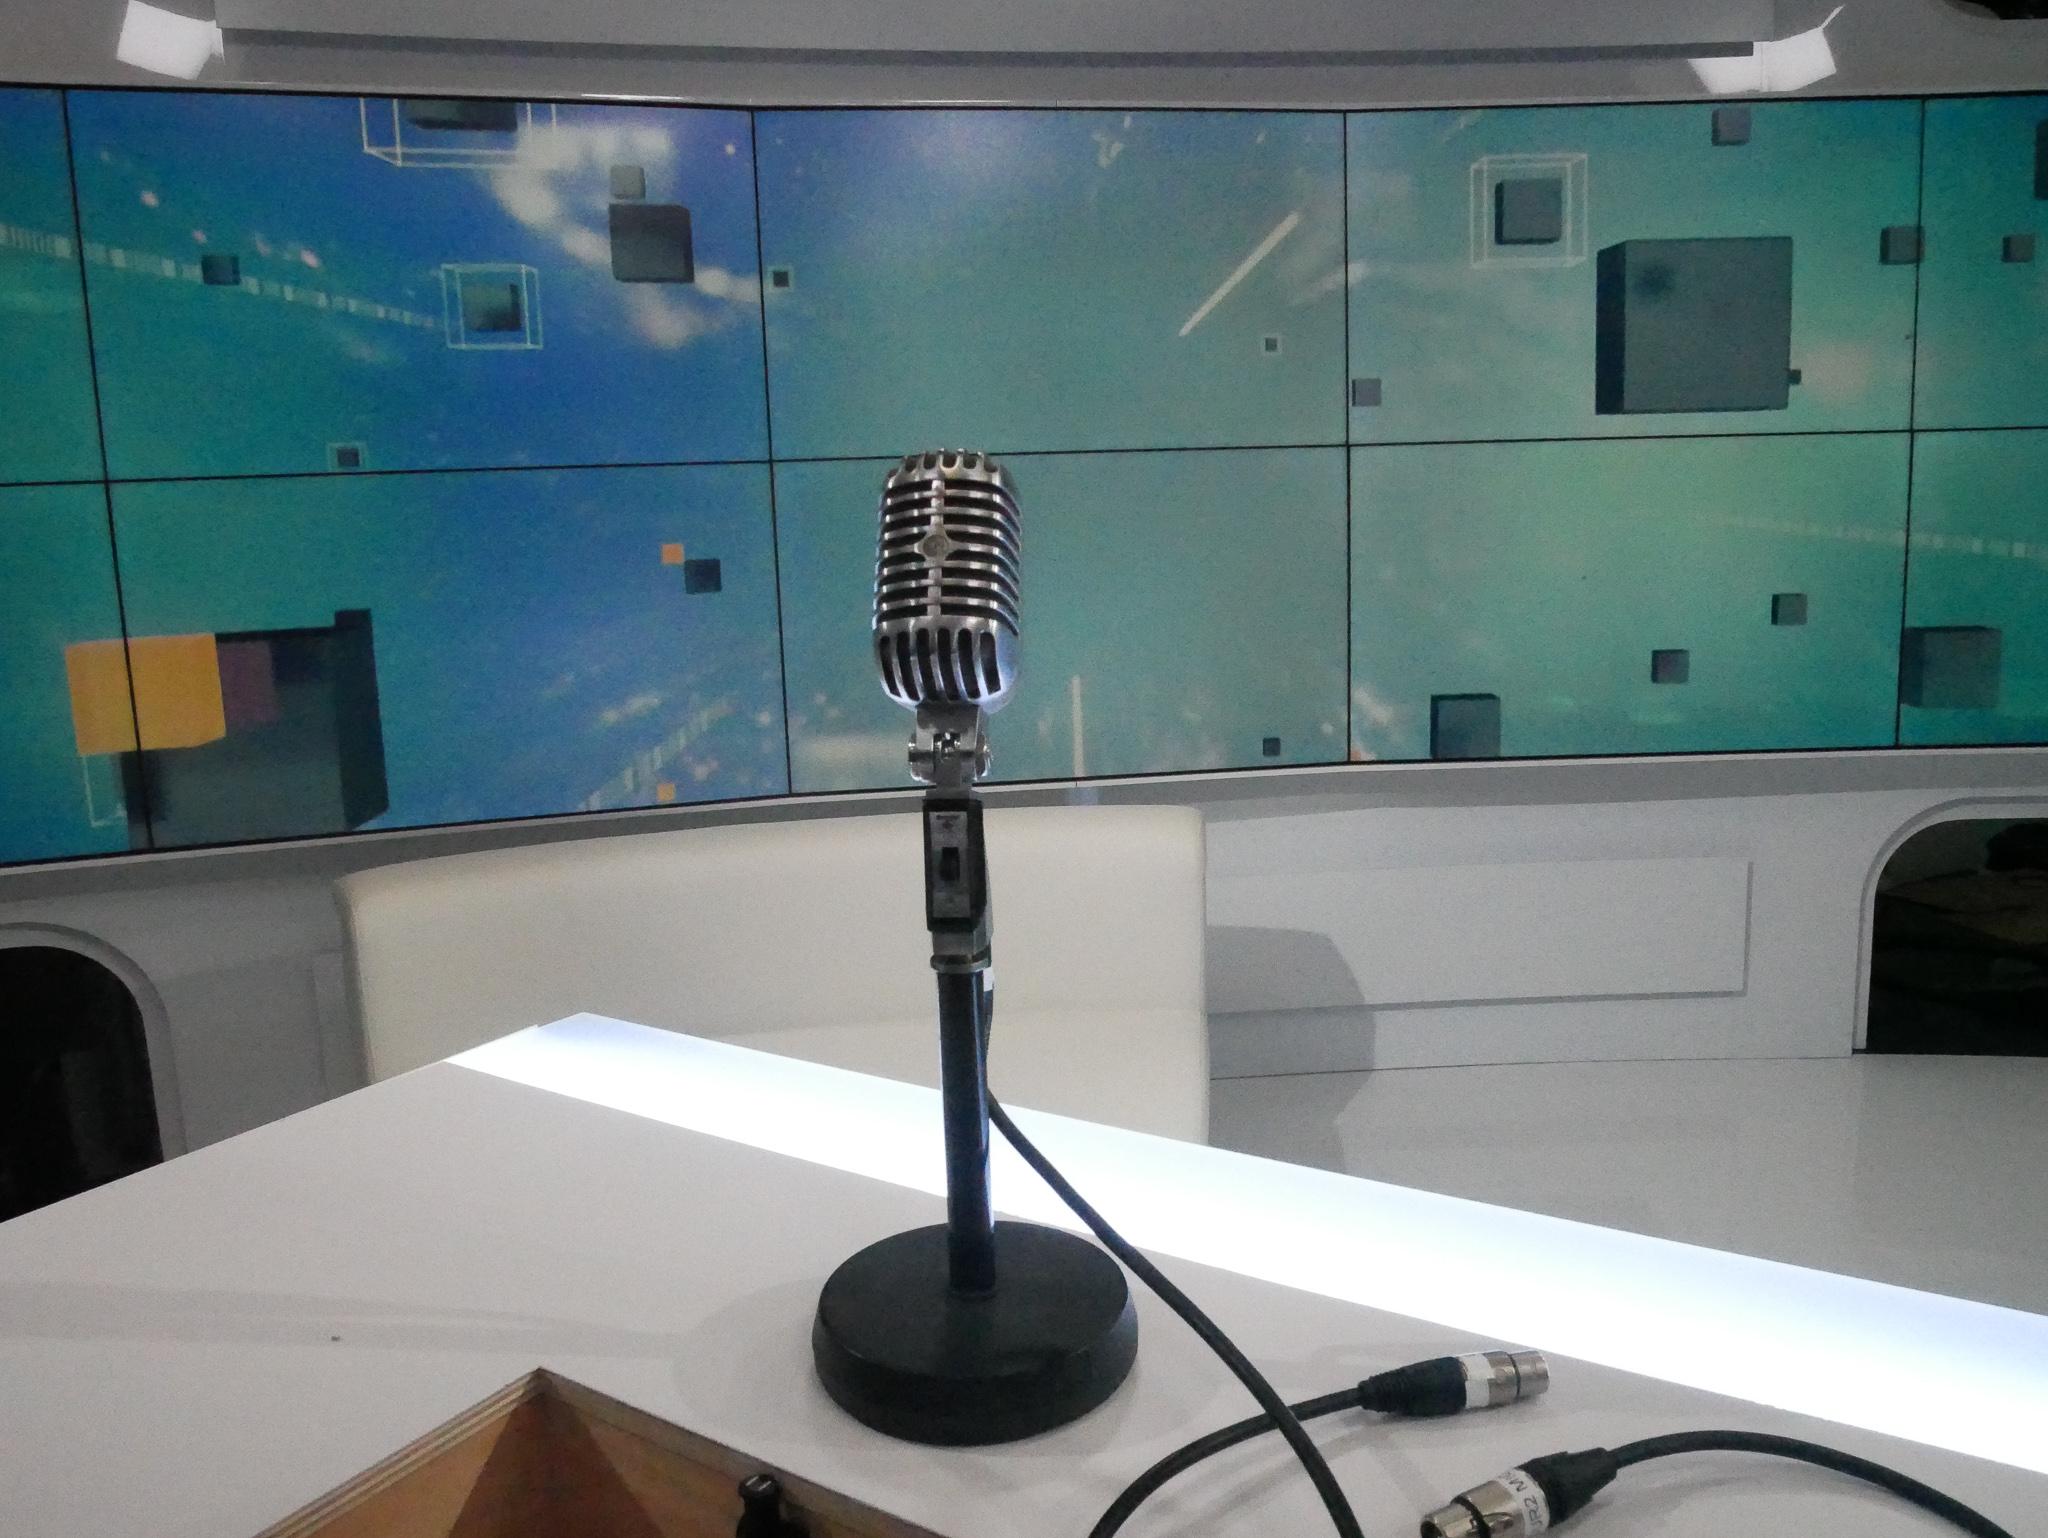 La studio de l'invité politique de JJ Bourdin sur RMC et BFM TV / Photo François Quairel